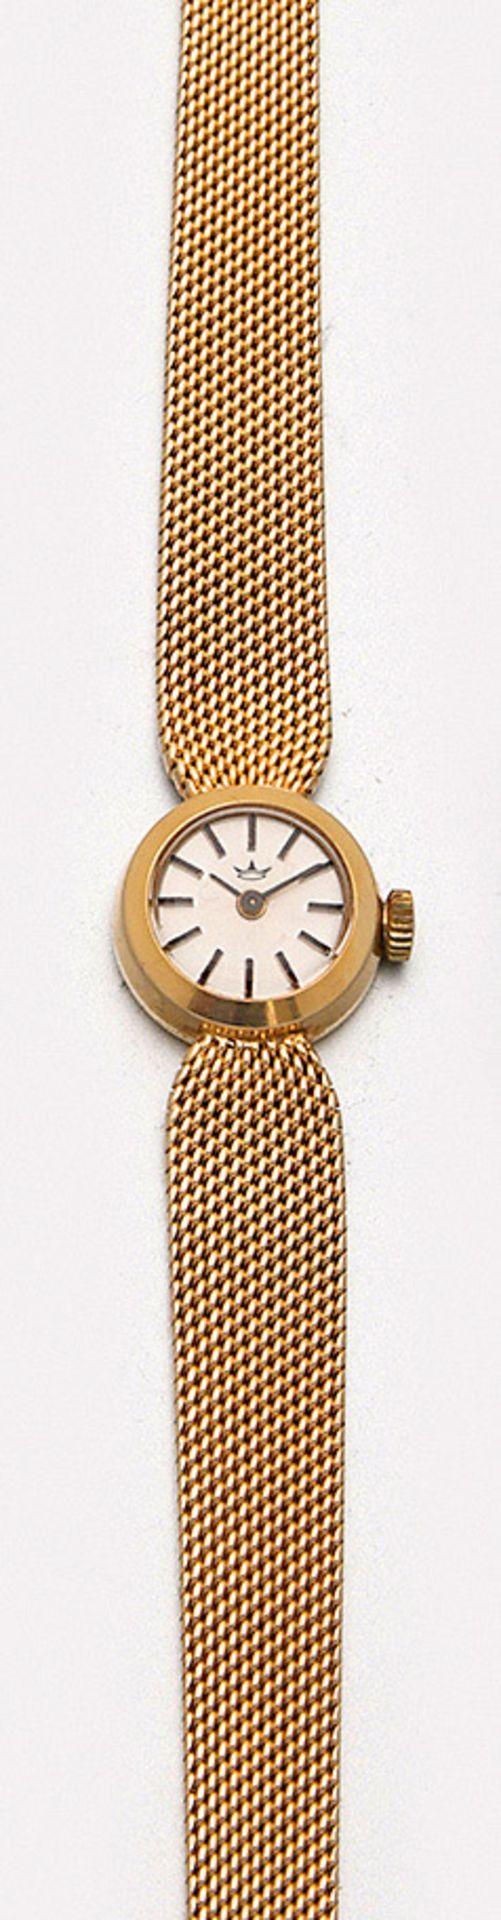 Damenarmbanduhr aus den 50er Jahren